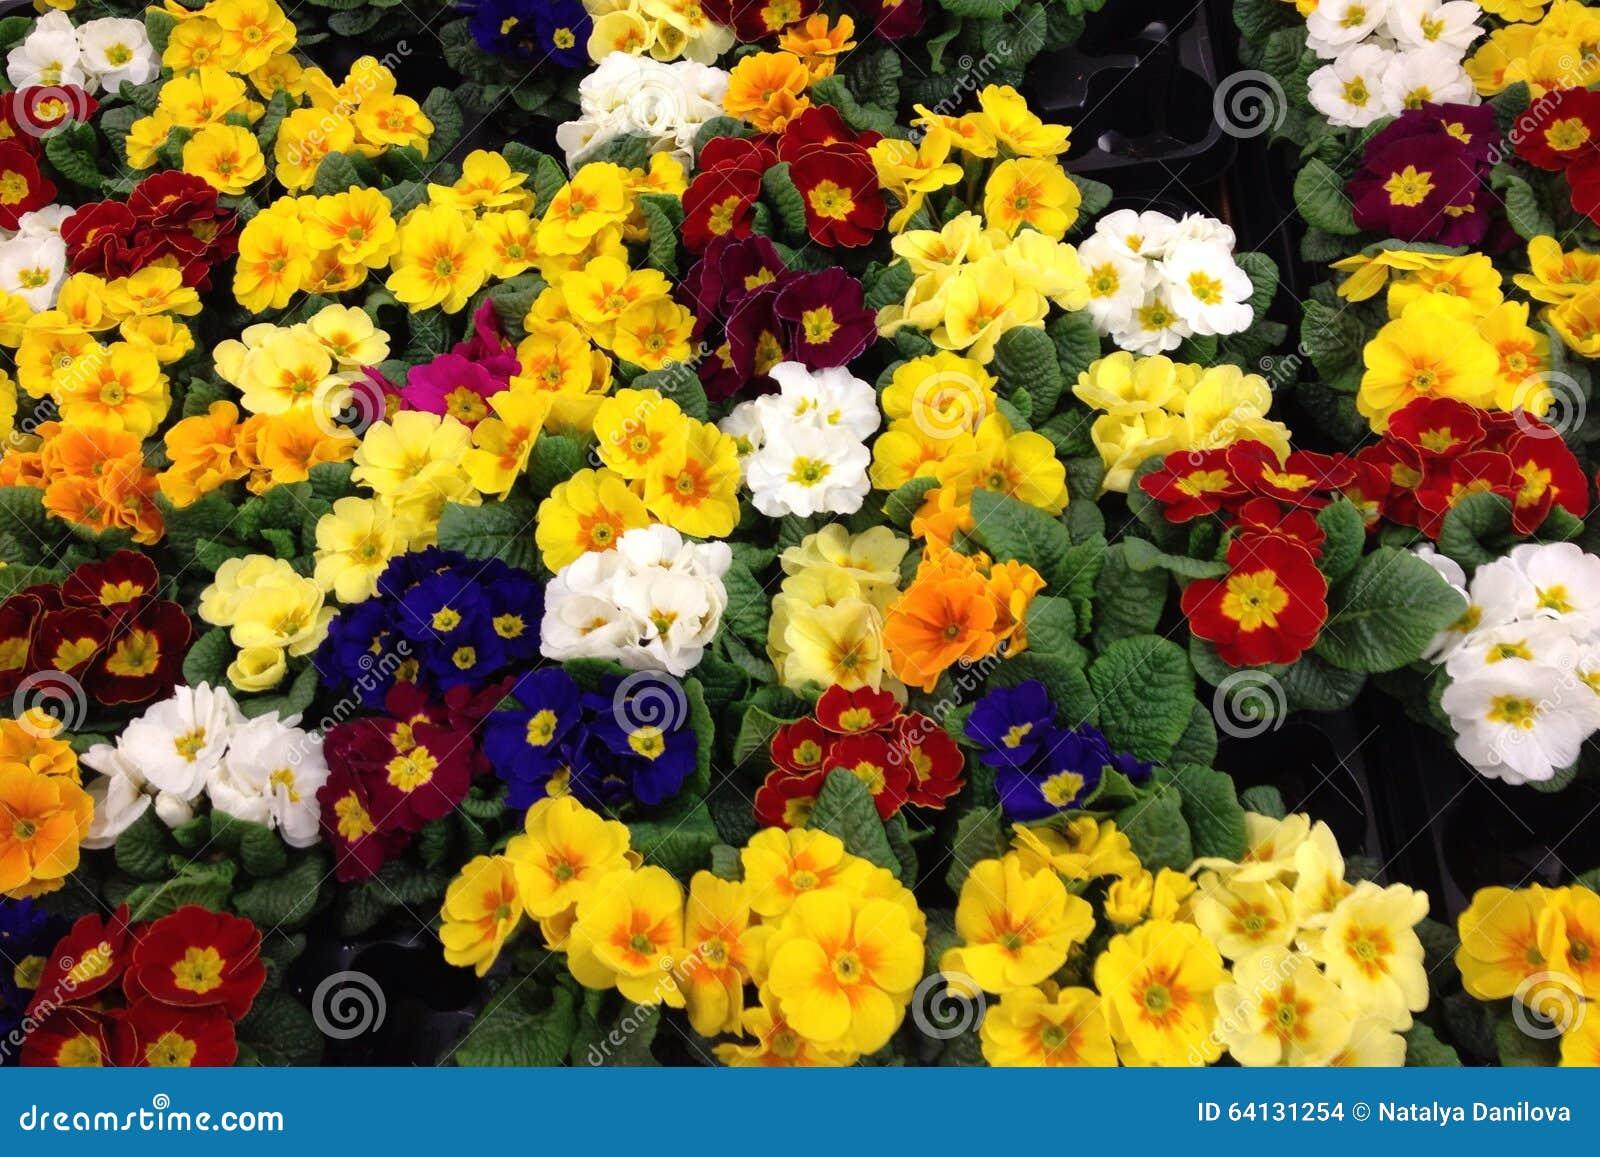 Blumen Von Verschiedenen Farben Stockfoto - Bild von unterschiedlich ...